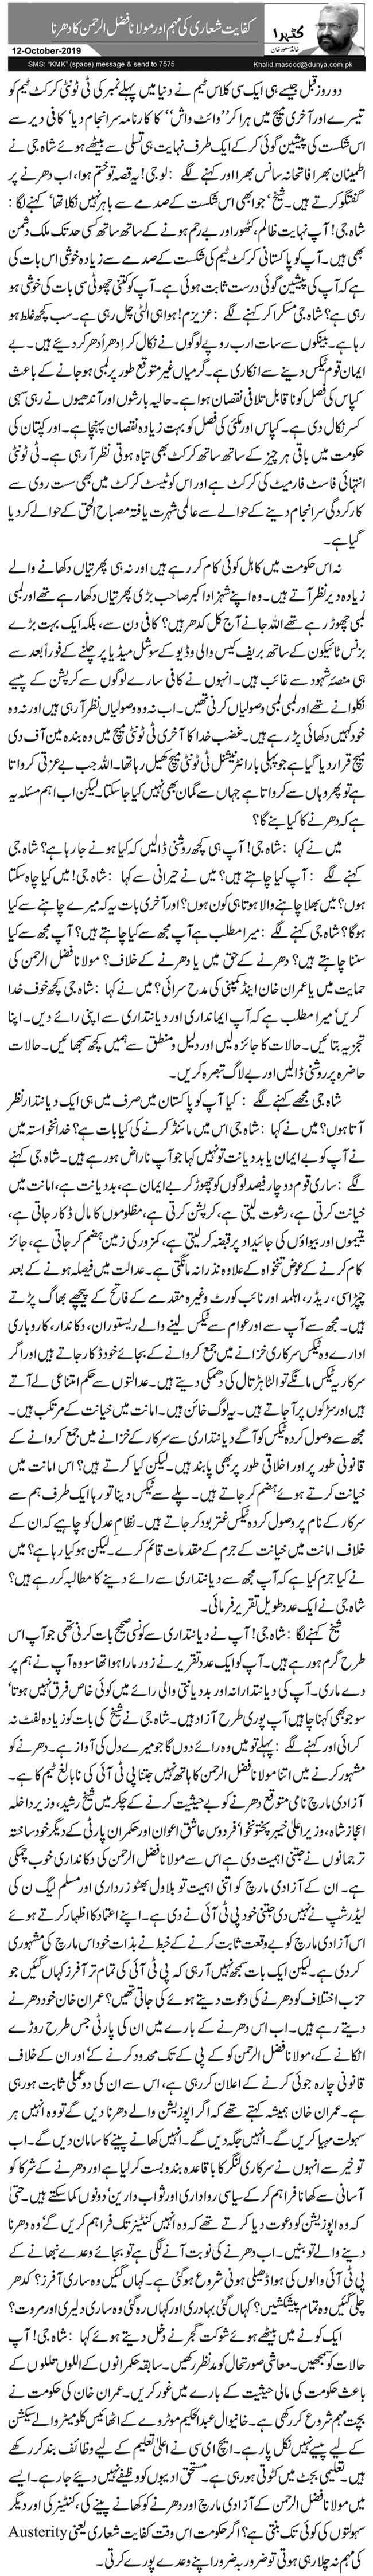 کفایت شعاری کی مہم اور مولانا فضل الرحمن کا دھرنا